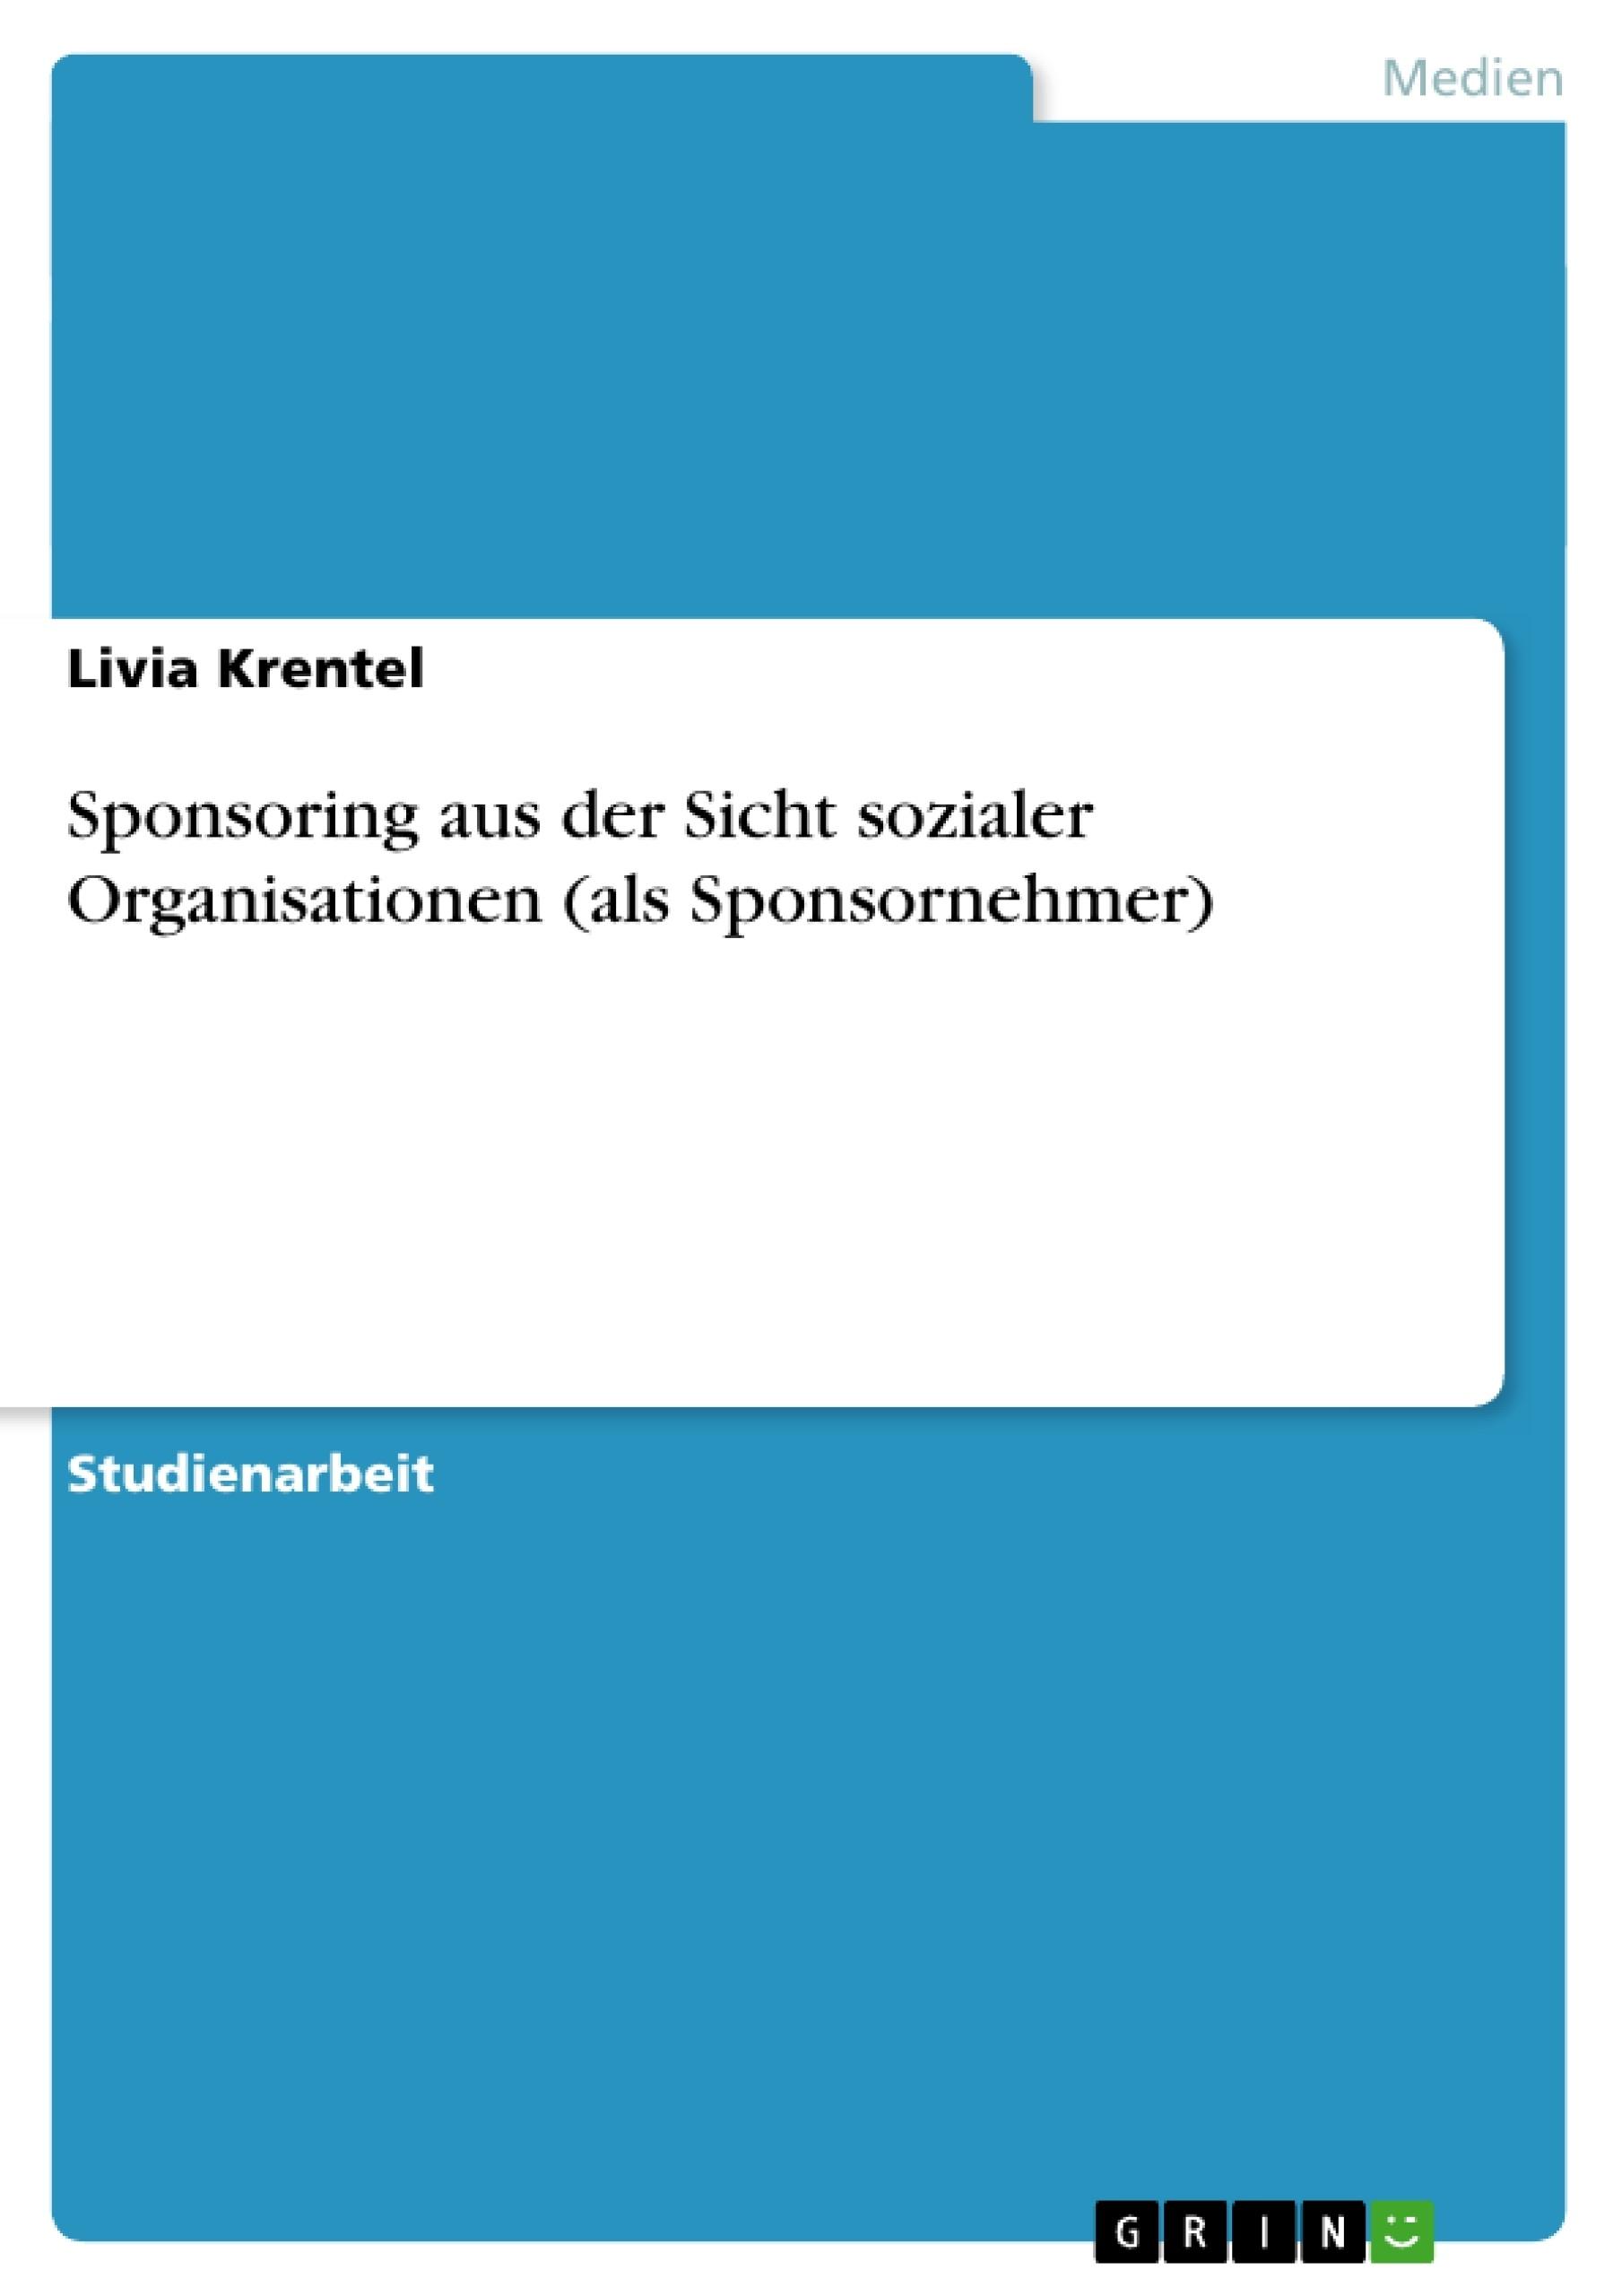 Titel: Sponsoring aus der Sicht sozialer Organisationen (als Sponsornehmer)